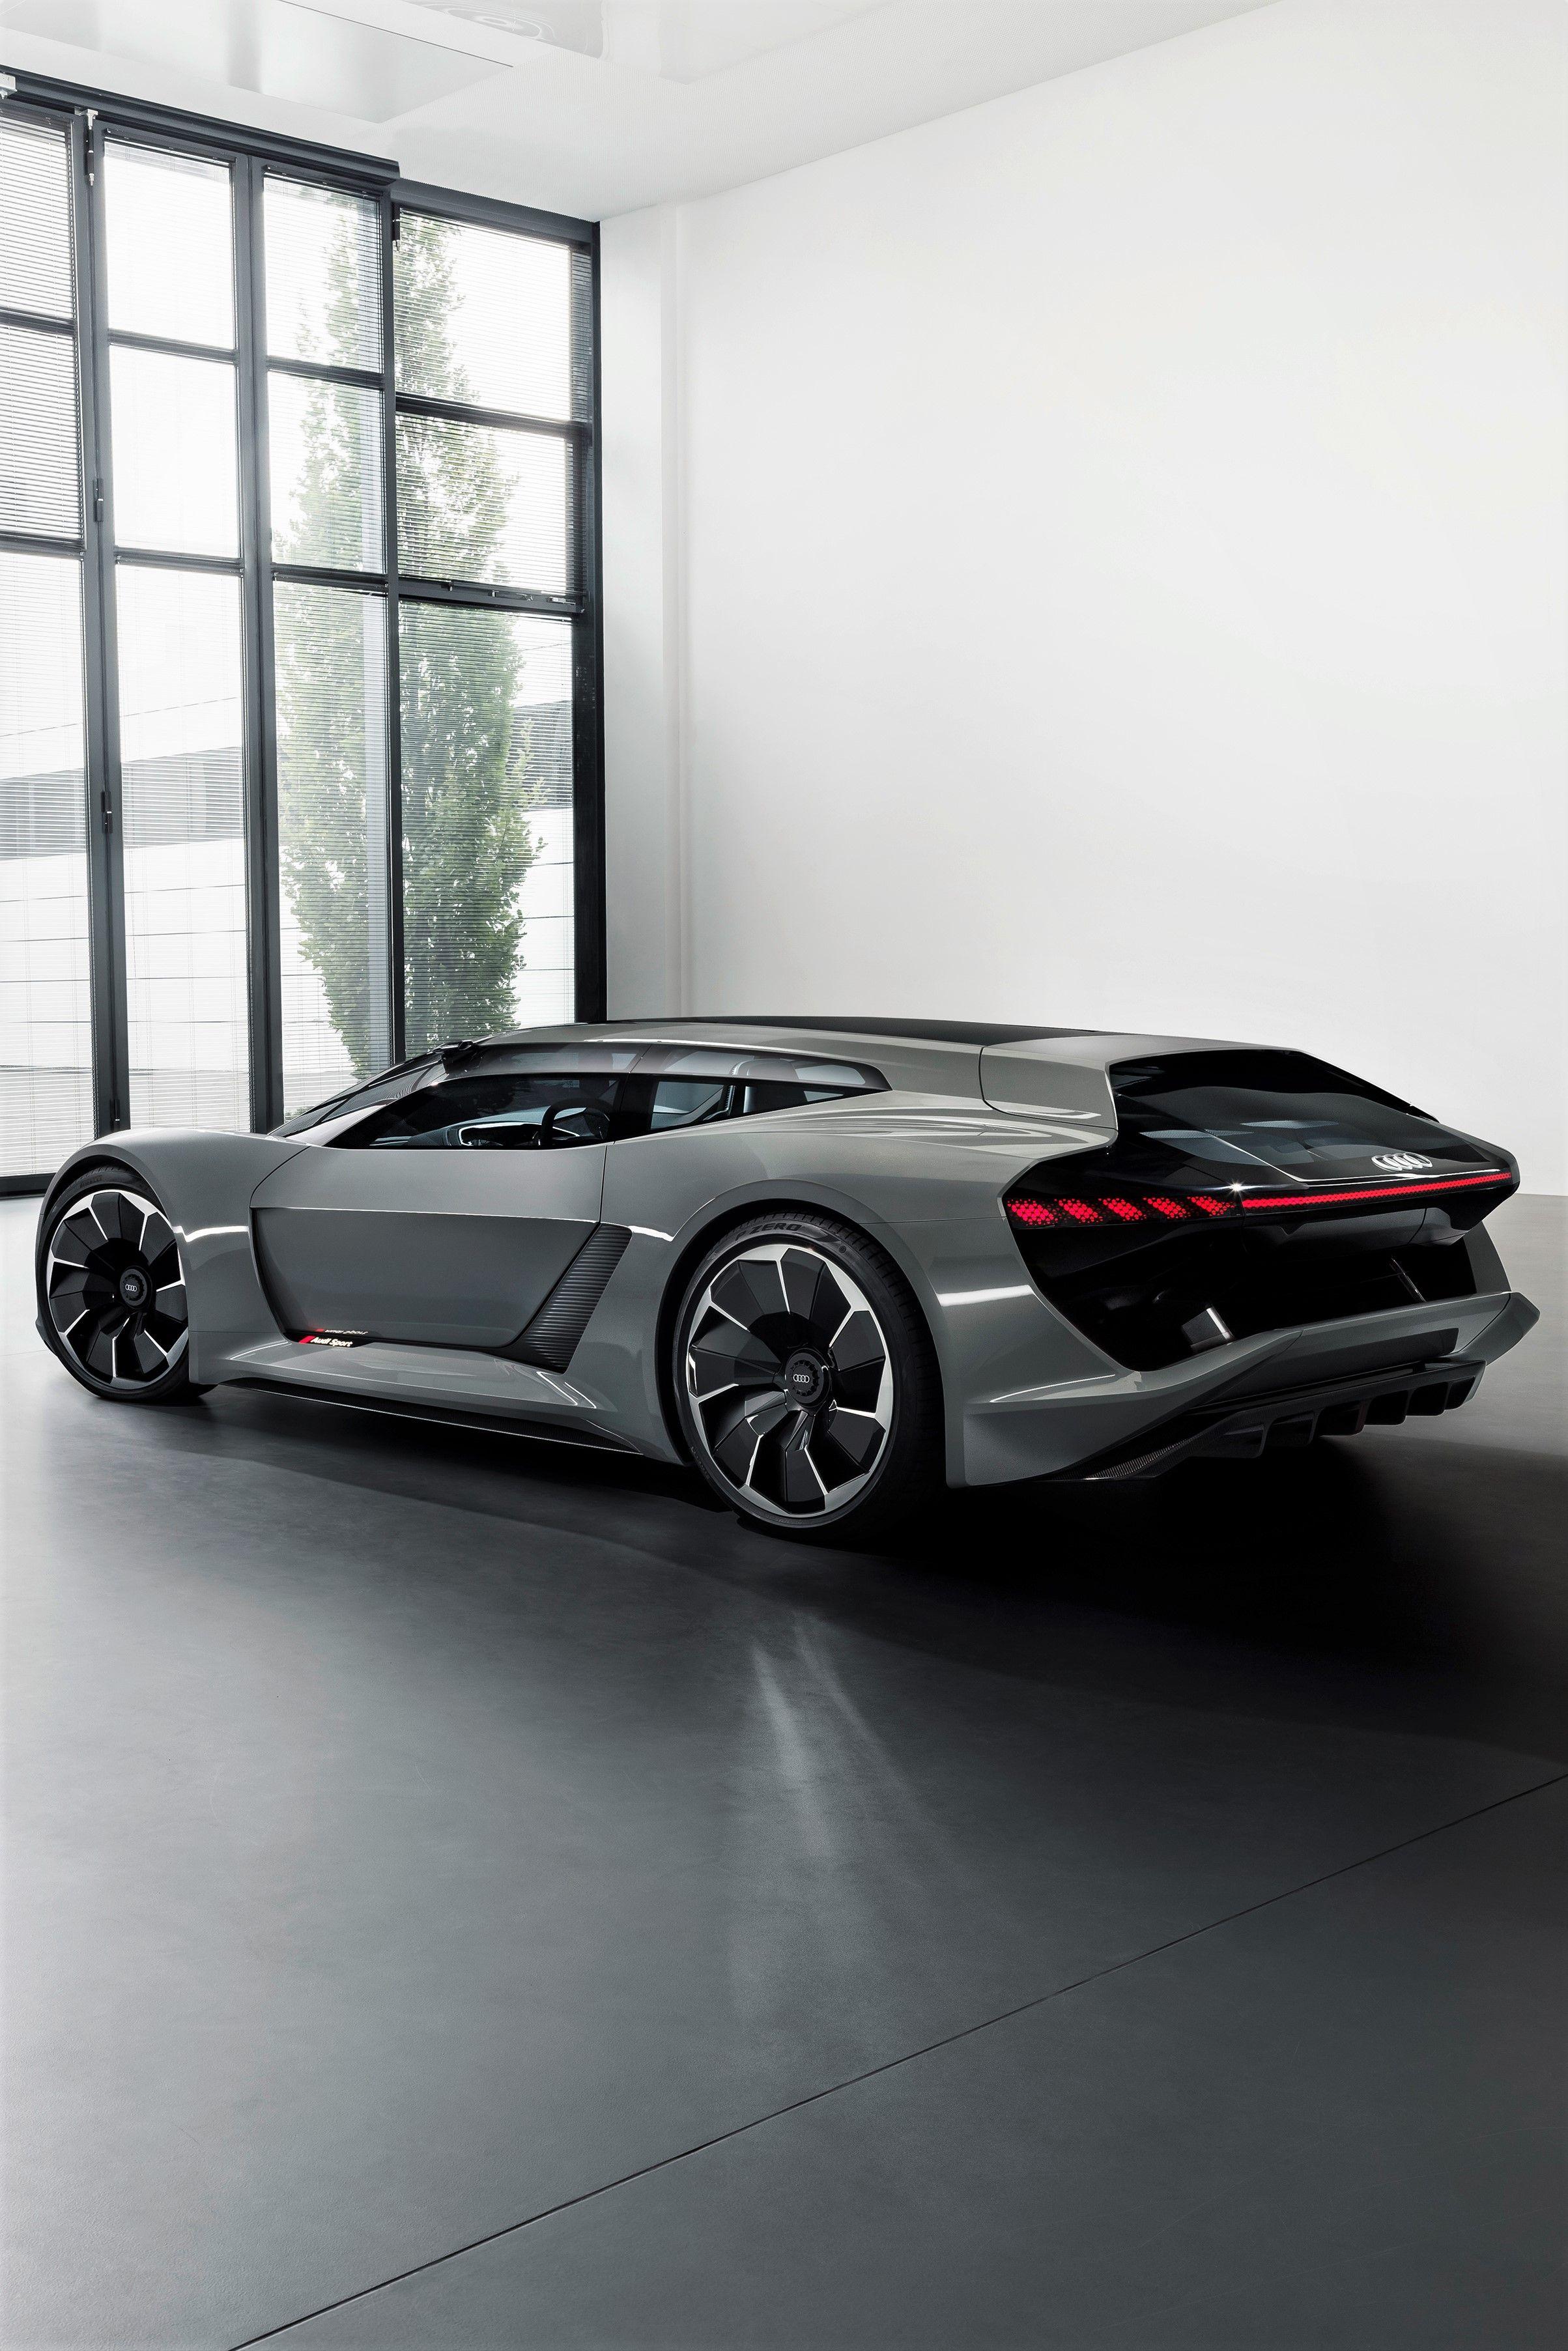 Audi PB 18 e-tron - The MAN #audivehicles